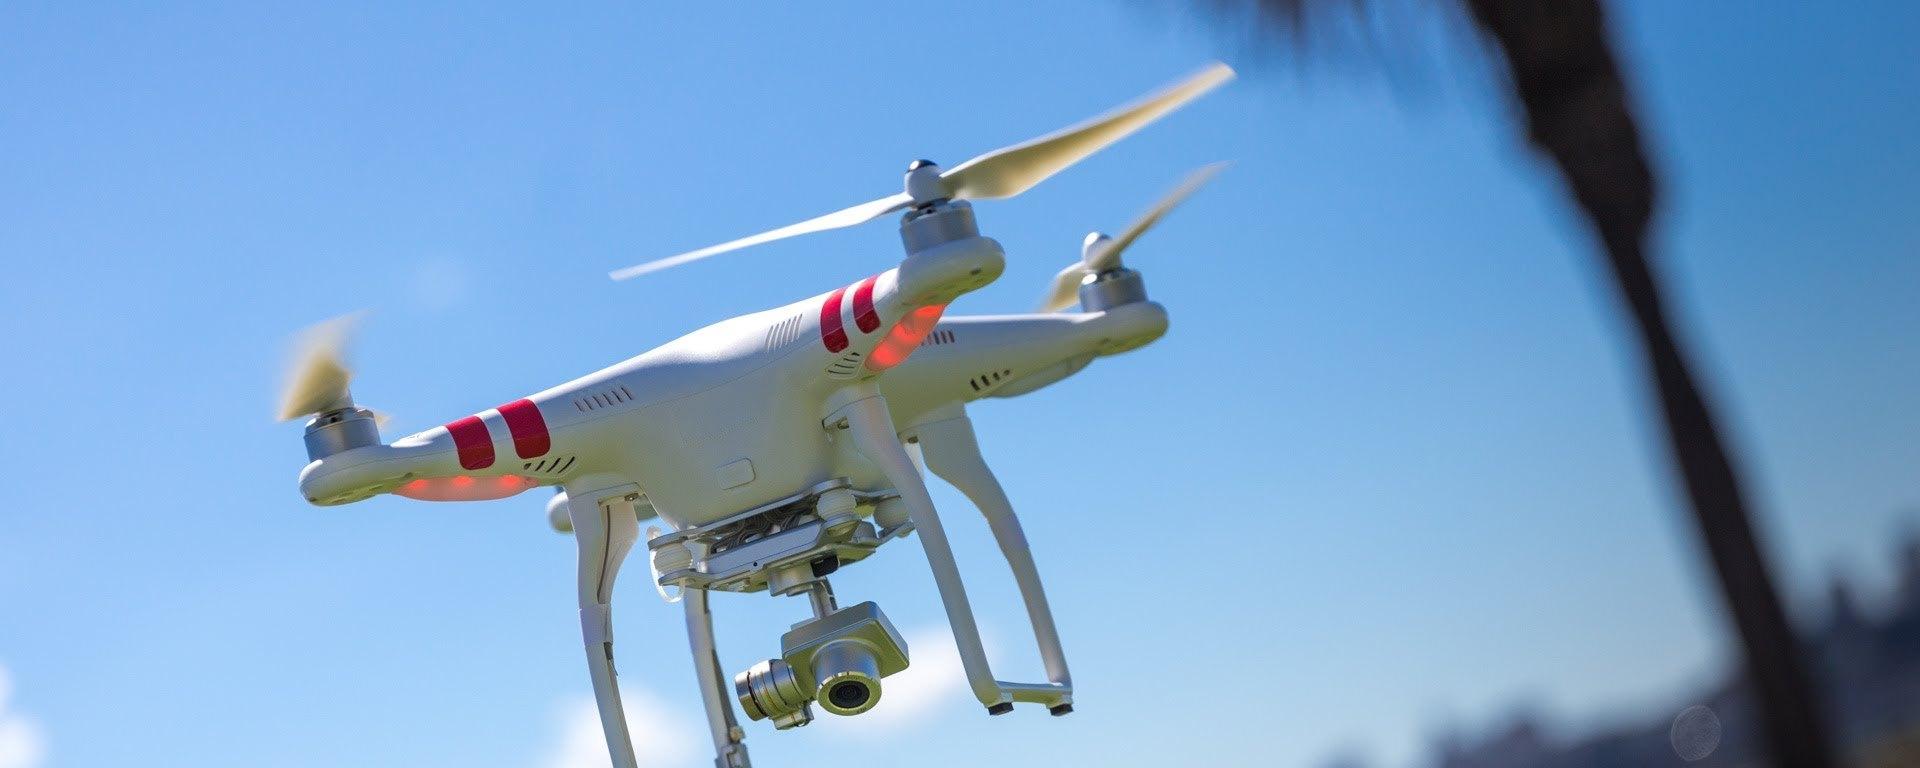 КГА усилит контроль за беспилотниками в воздушном пространстве РК, КГА, контроль, беспилотник , Воздушное пространство